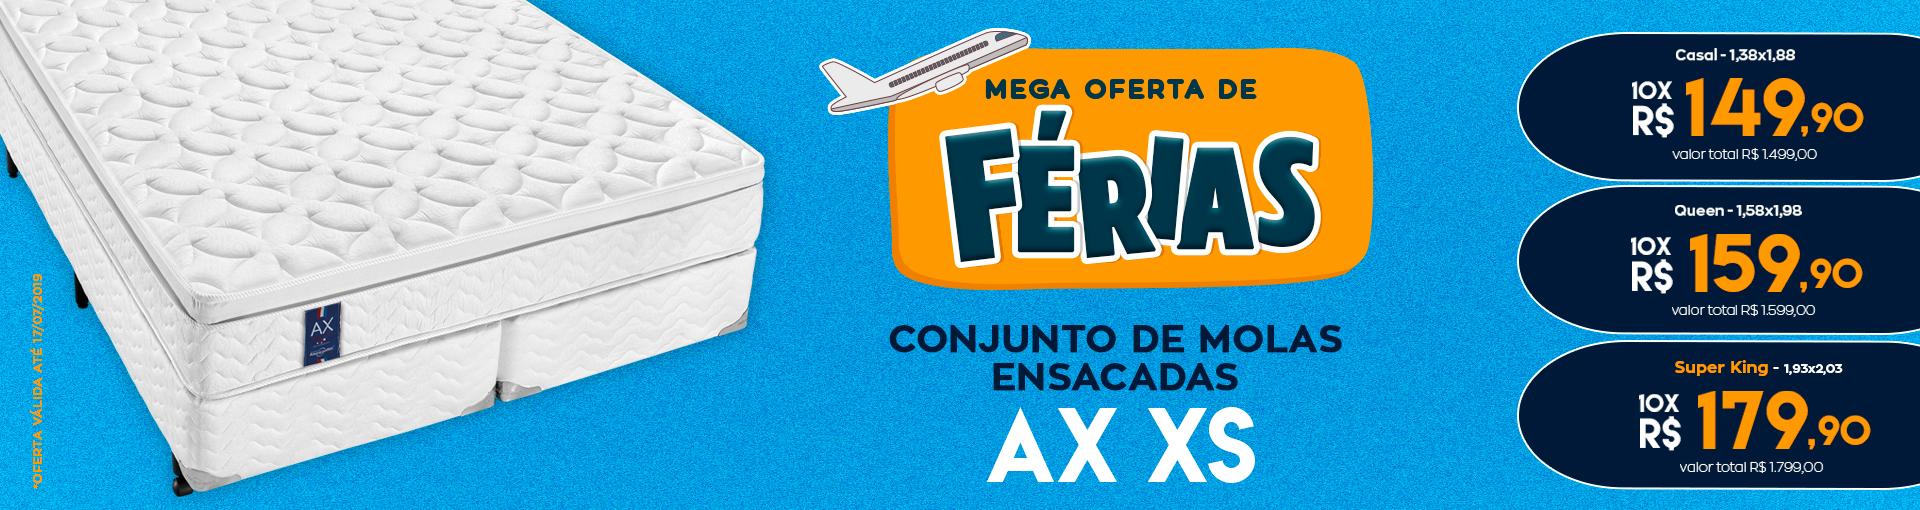 AX XS